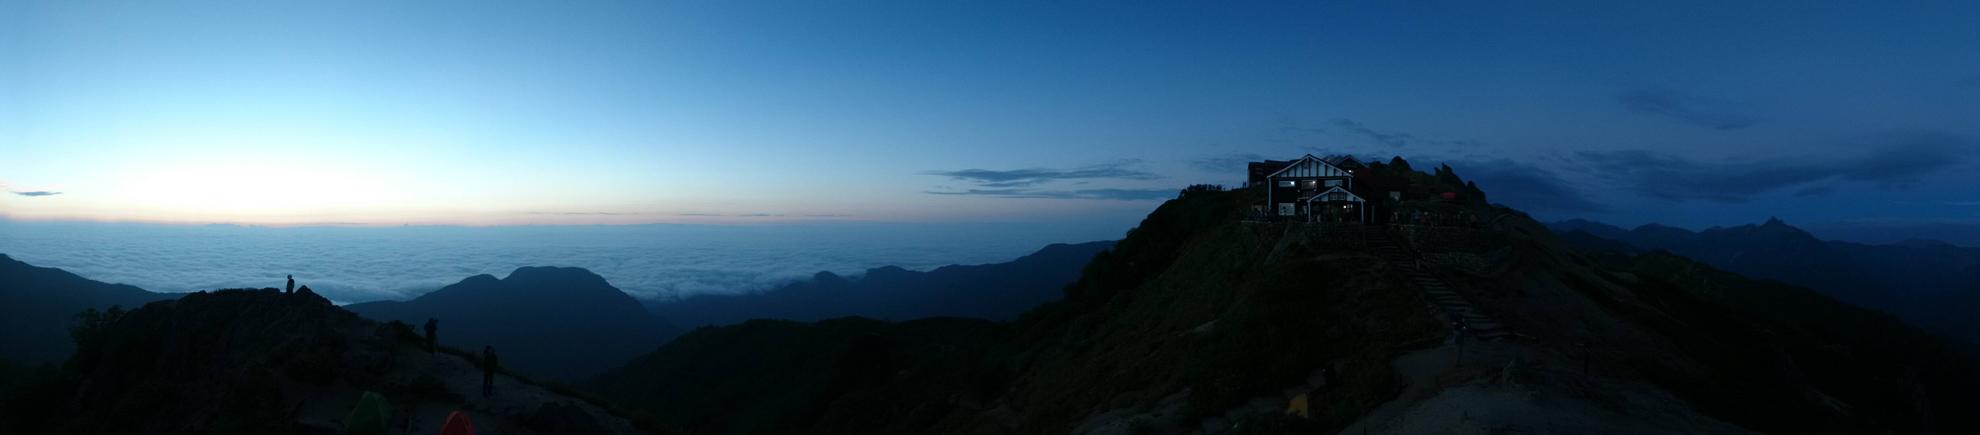 早朝の燕山荘